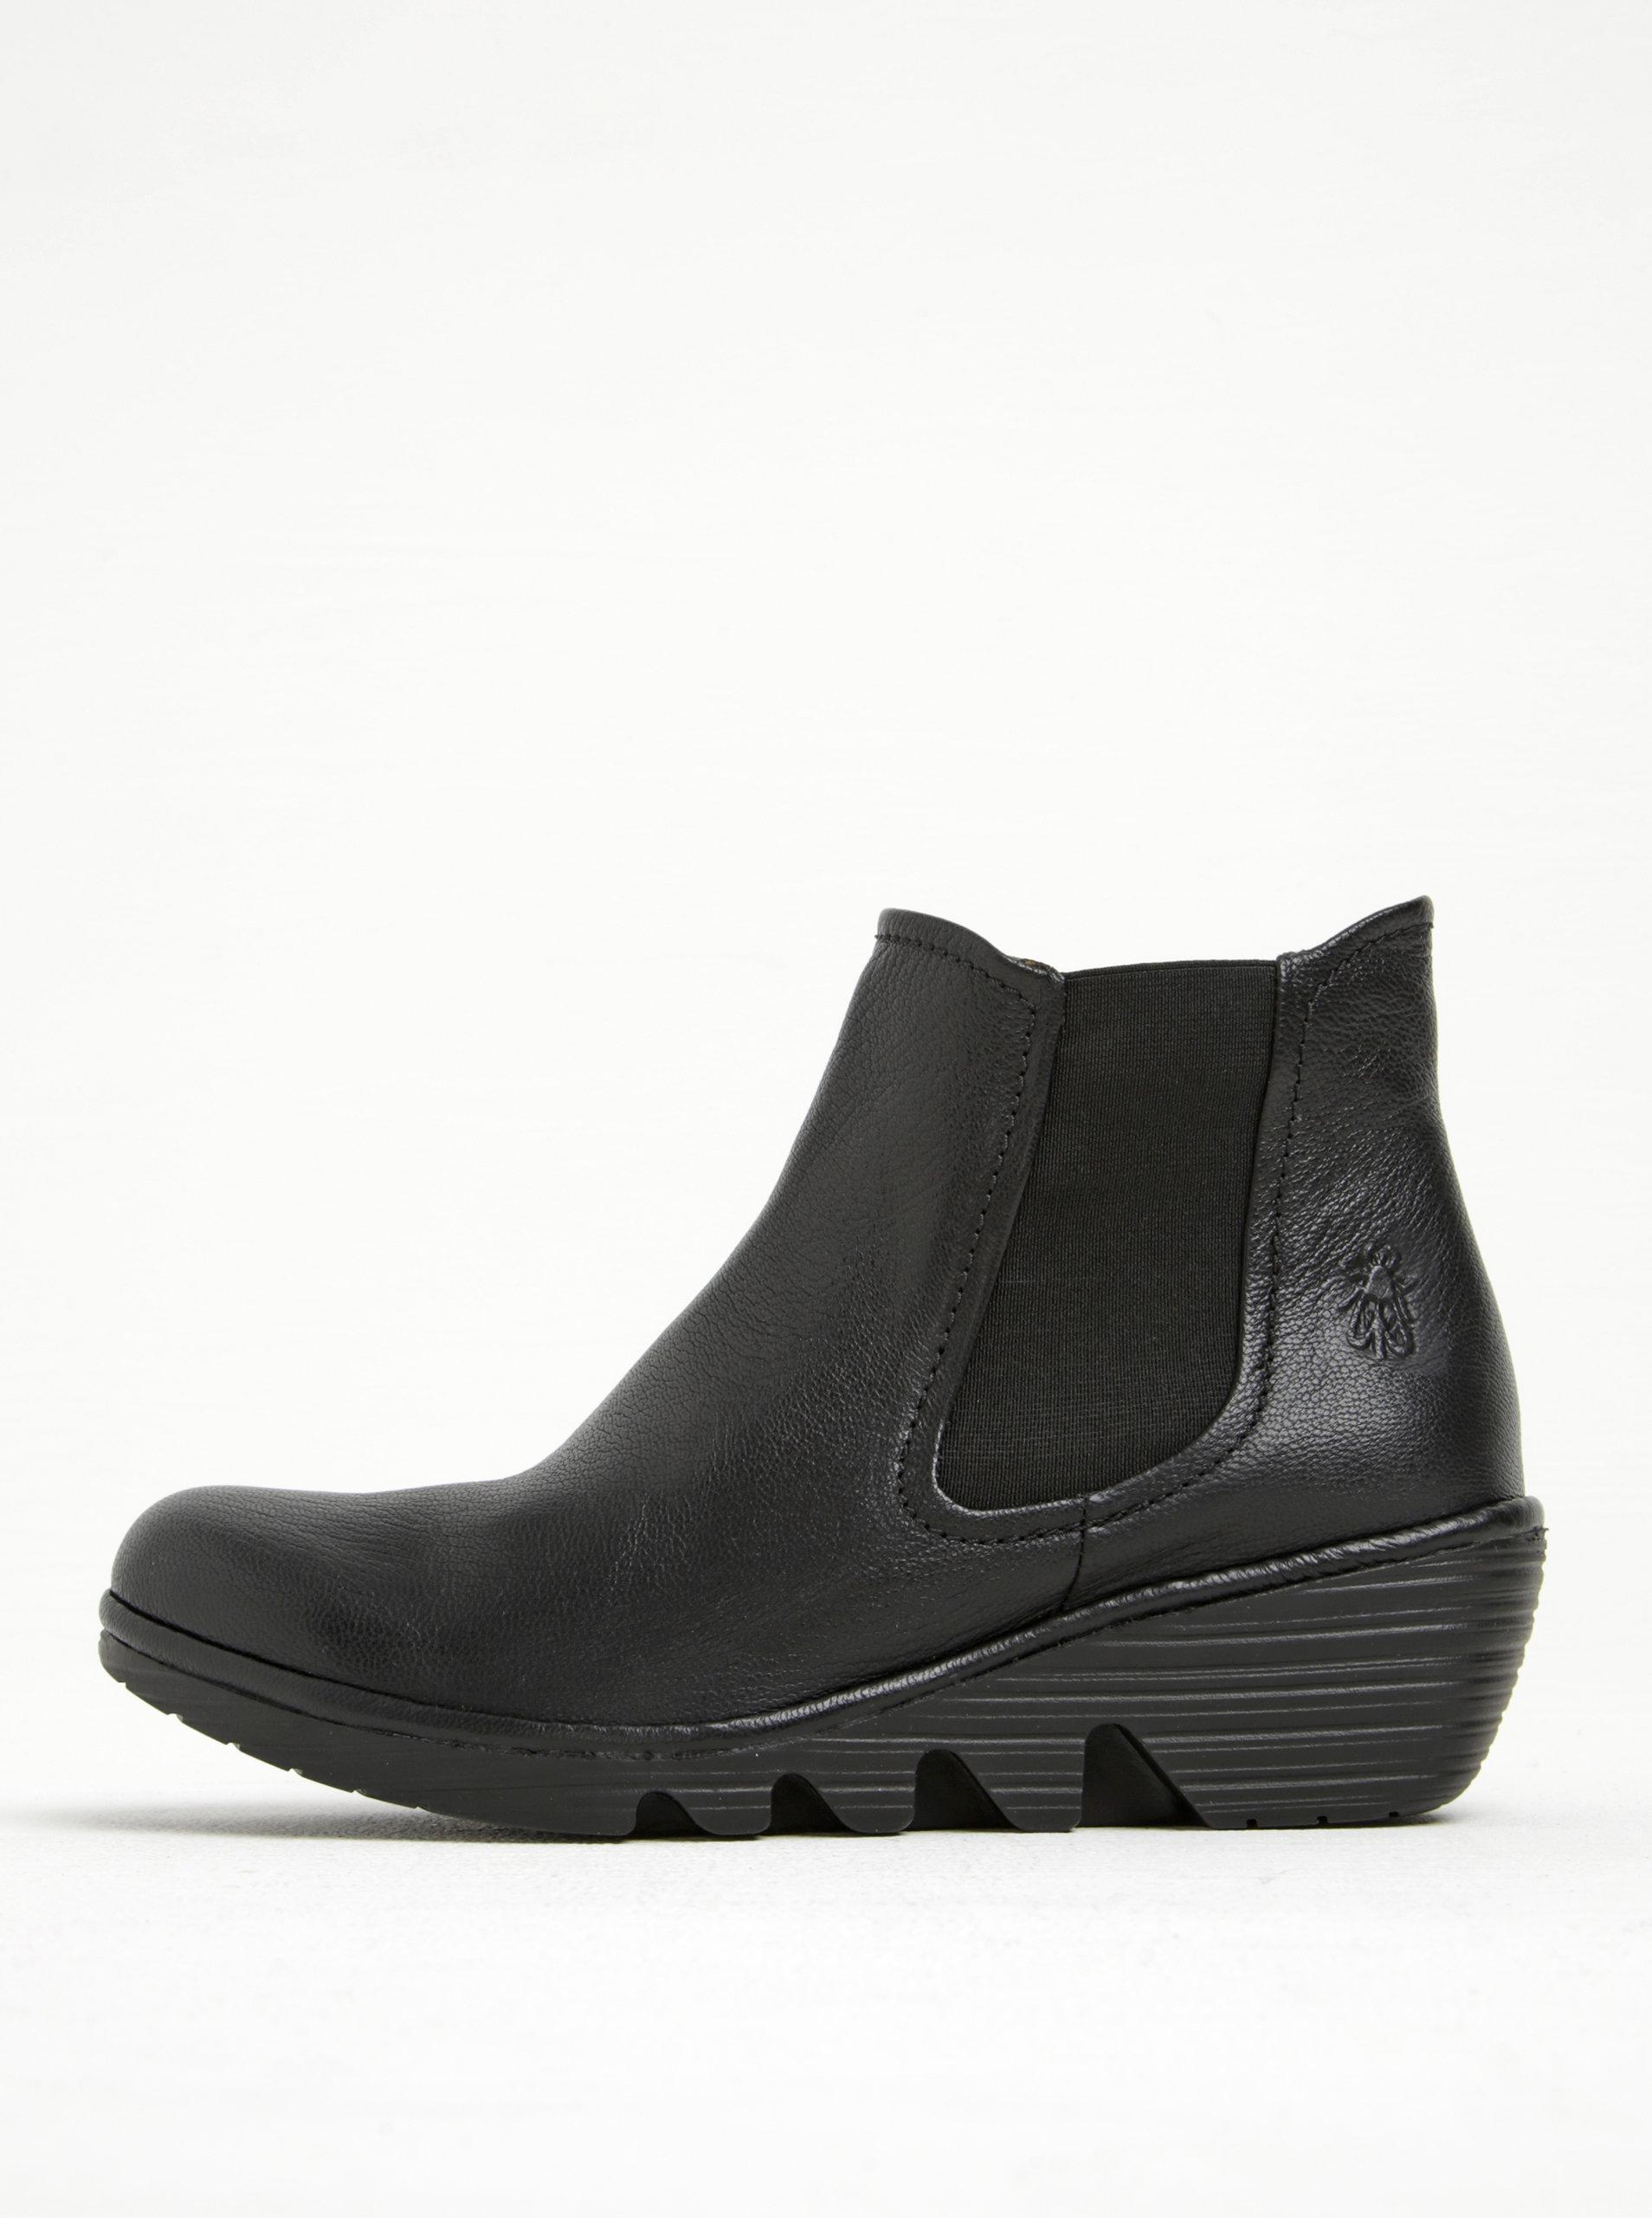 Černé dámské kožené chelsea boty na platformě FLY London ... a82d908a1a